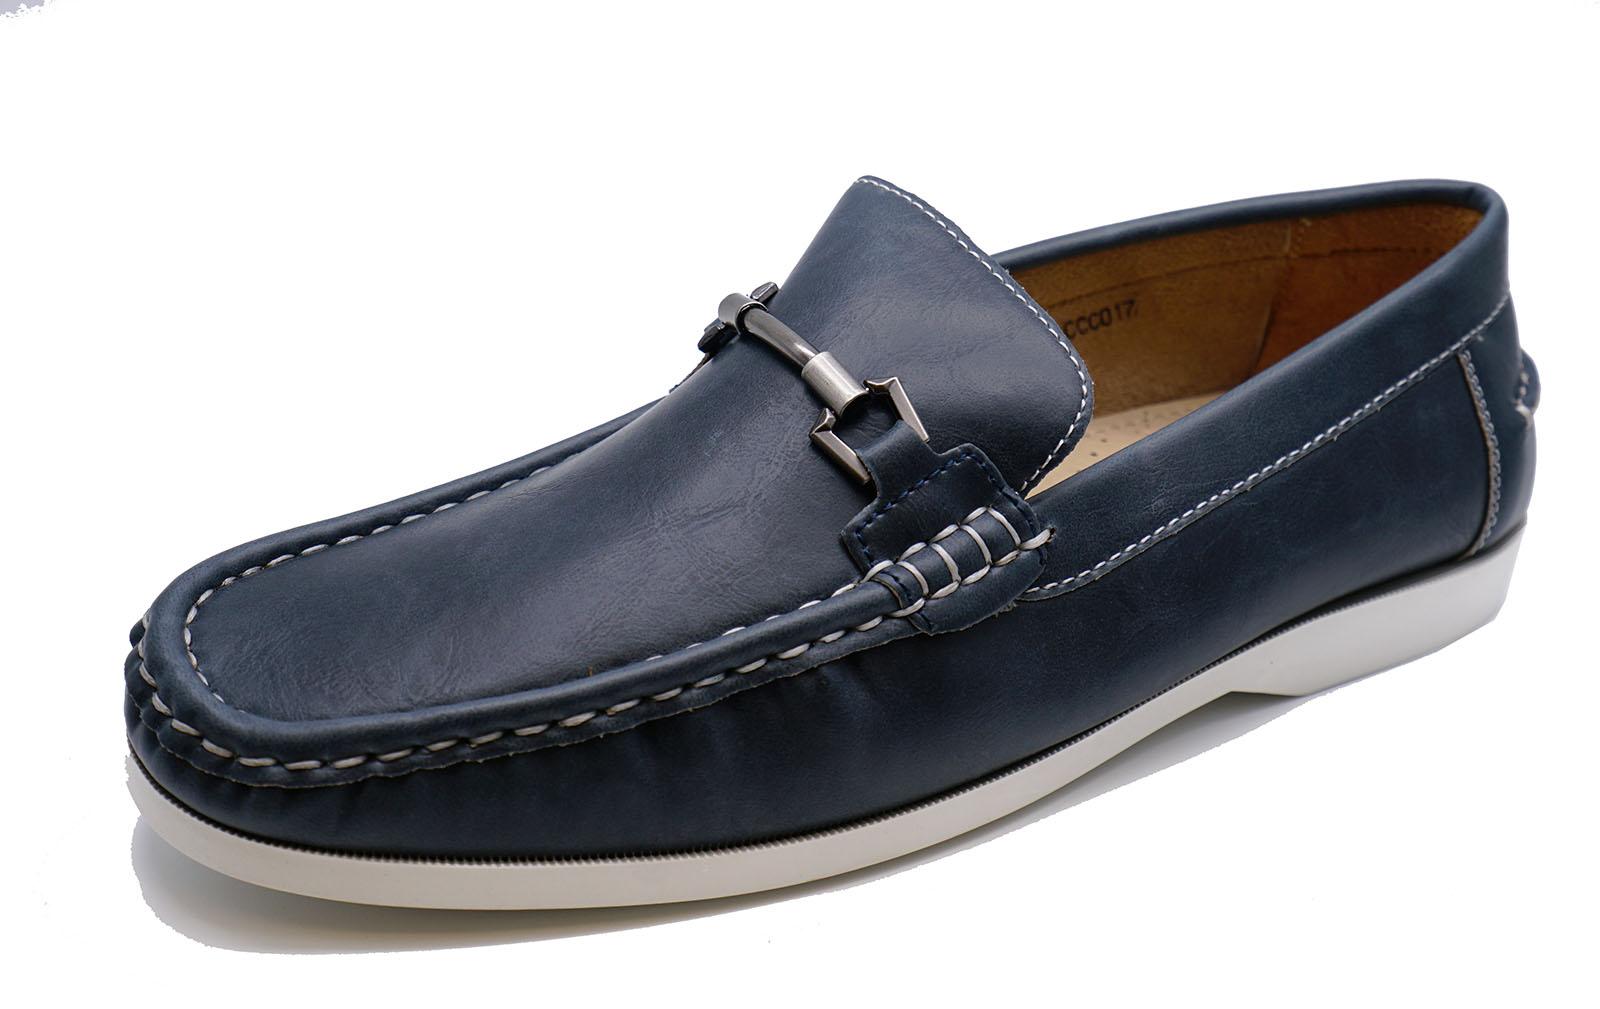 Para Hombre Azul marino Yate para manejar Mocasines Sin Cordones Cómodos Zapatos de Cubierta Inteligente en 6-11